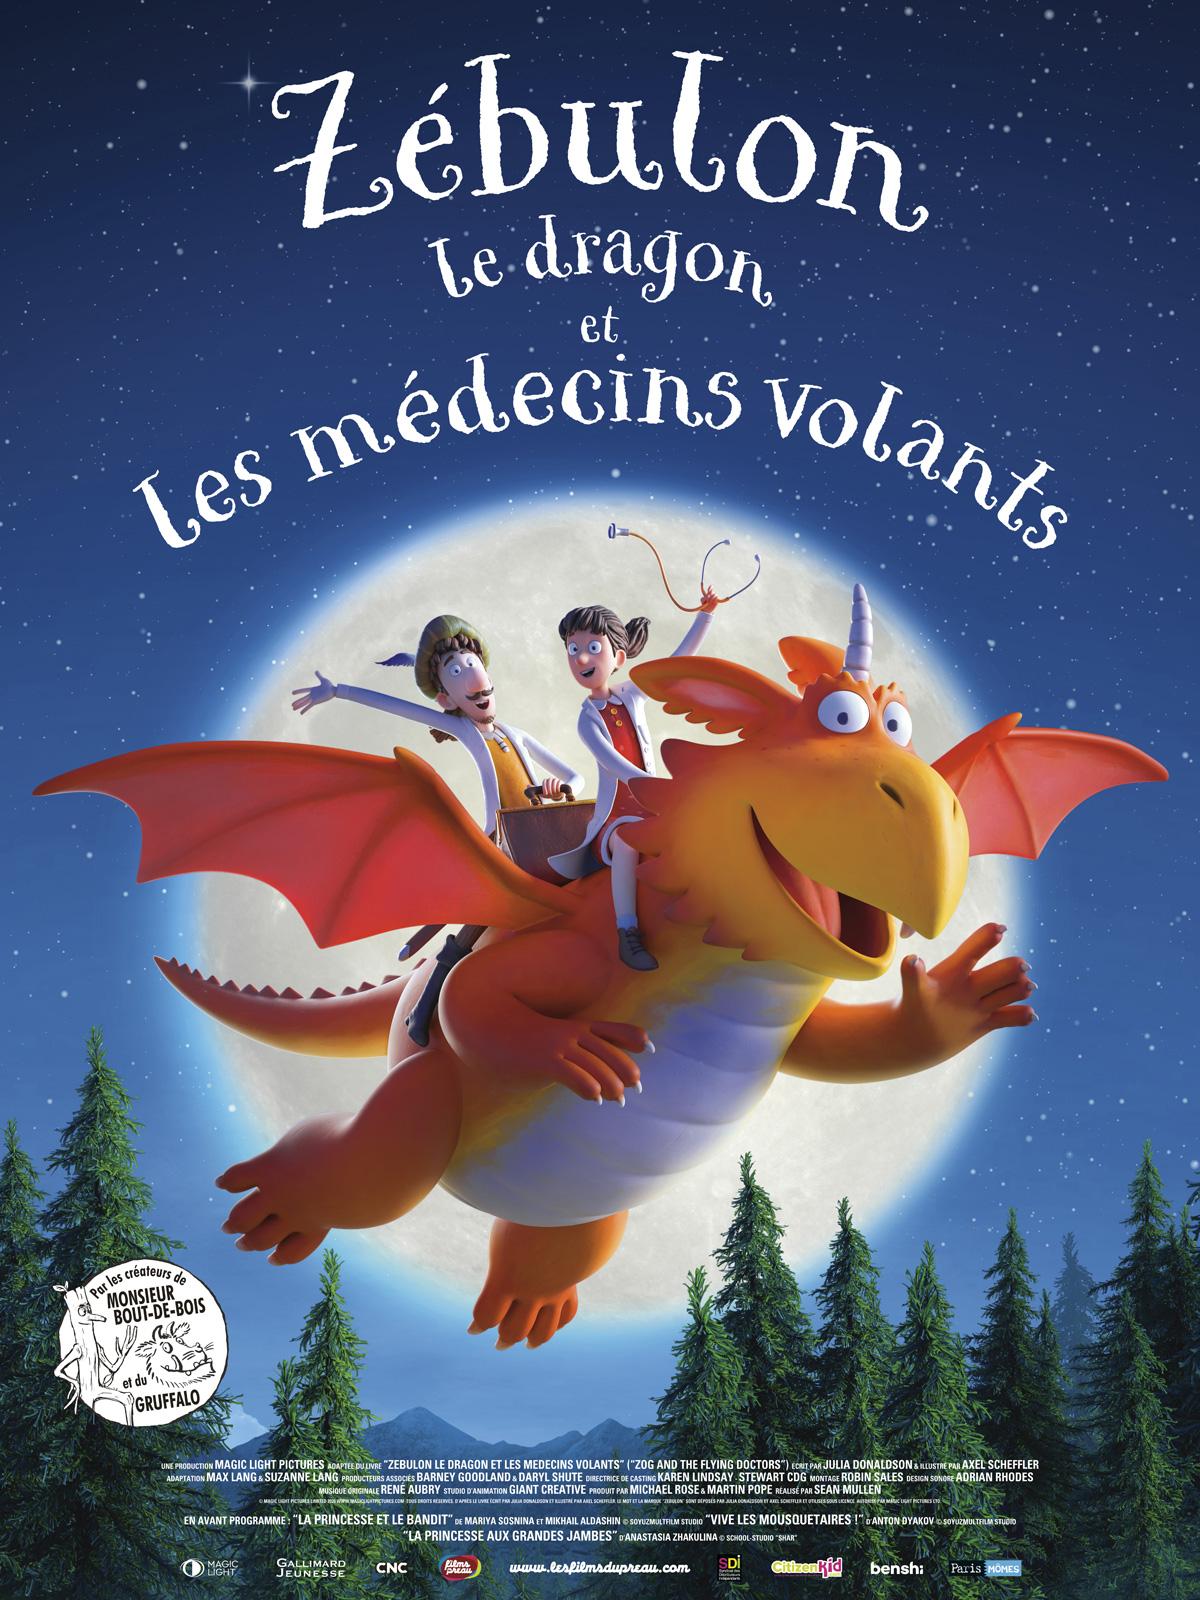 Zébulon le dragon et les médecins volants